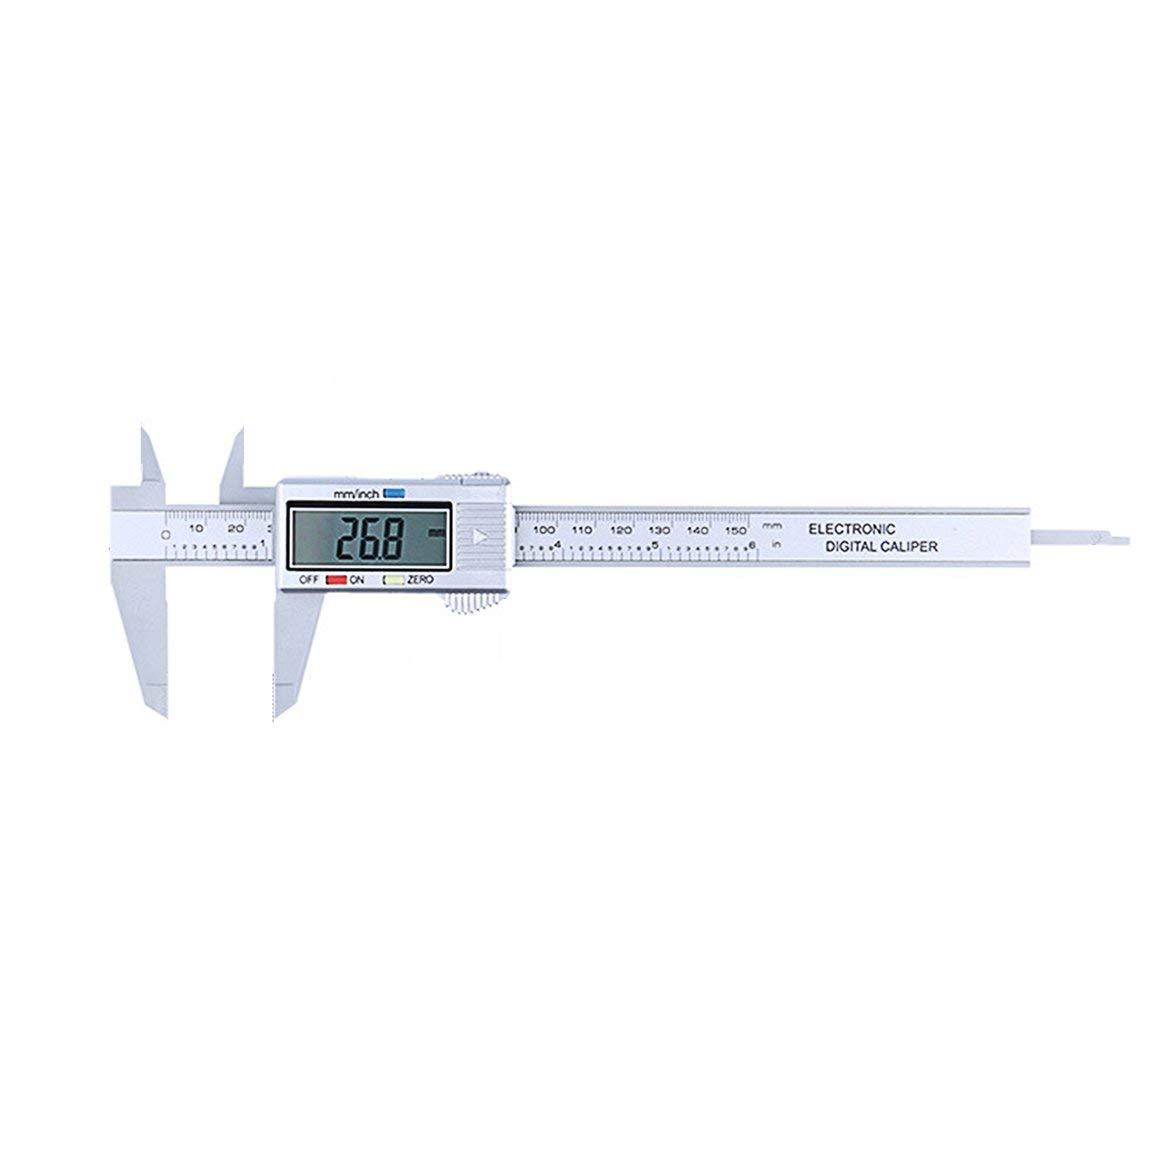 1.5 M/ètres Rallonge /électrique avec c/âble textile RZ07 Effet Soie ZigZag Blanc-Lilas 2P 10A Made in Italy Blanc